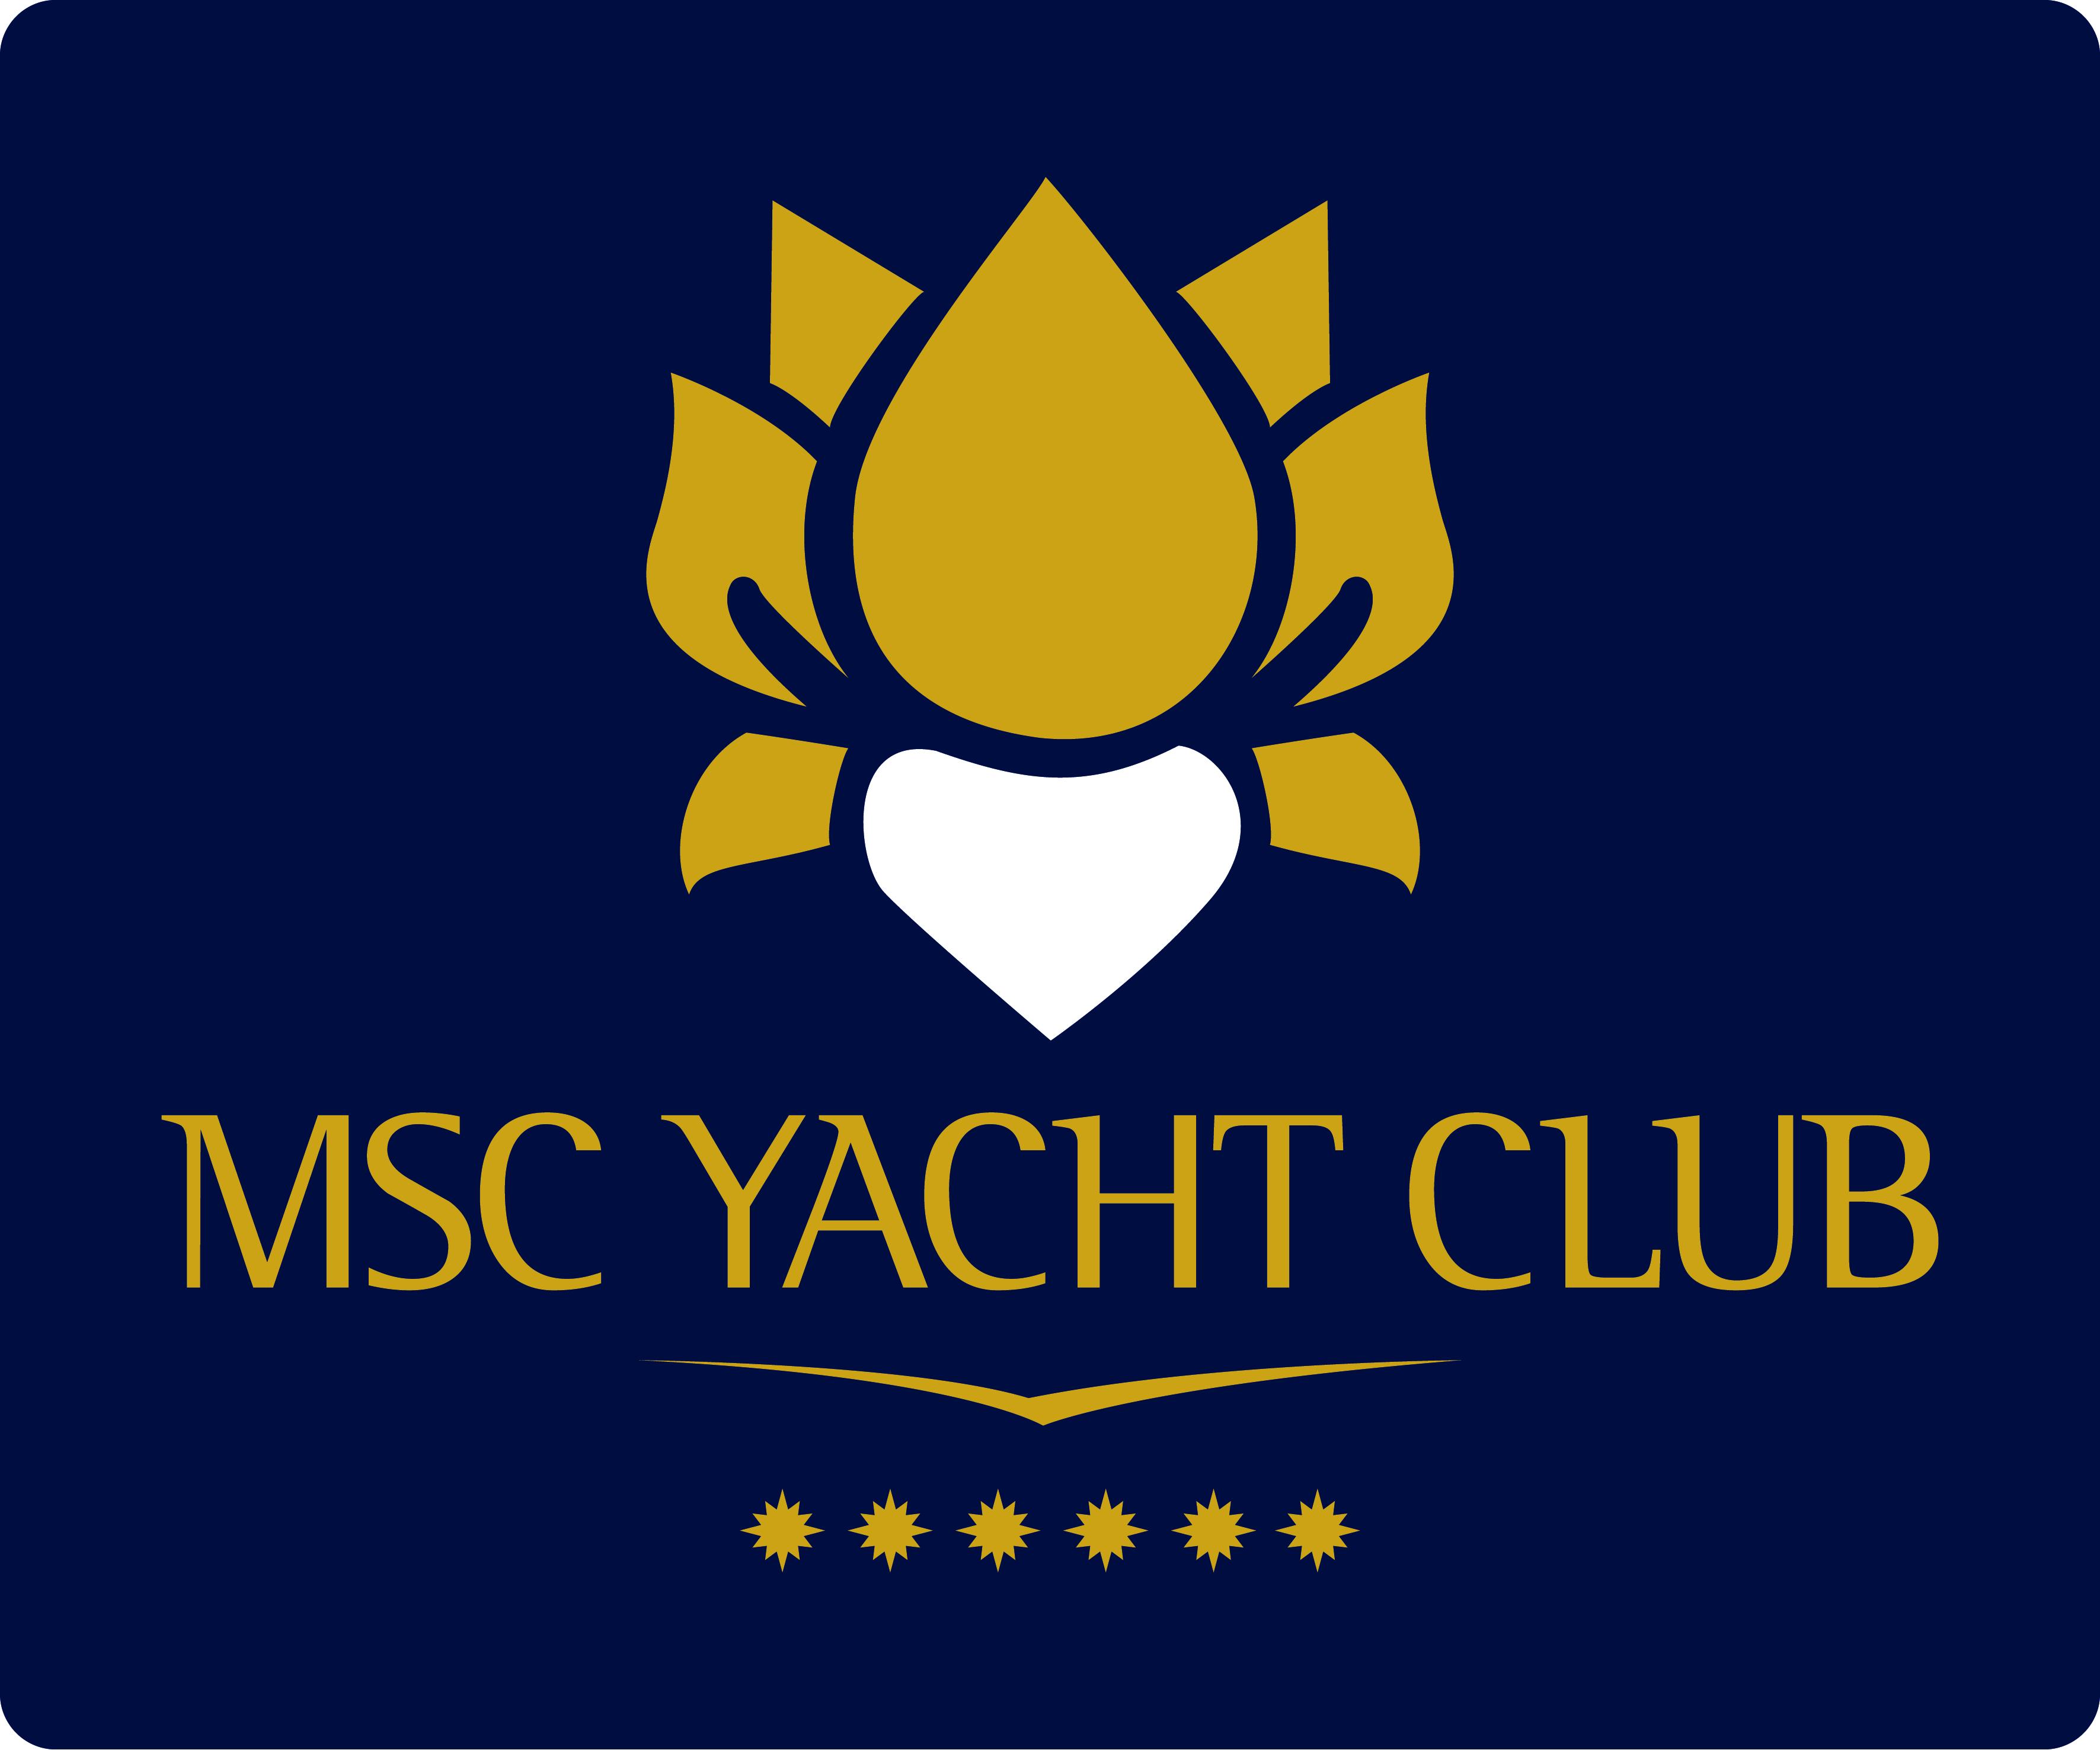 msc-yatch-club-logo1